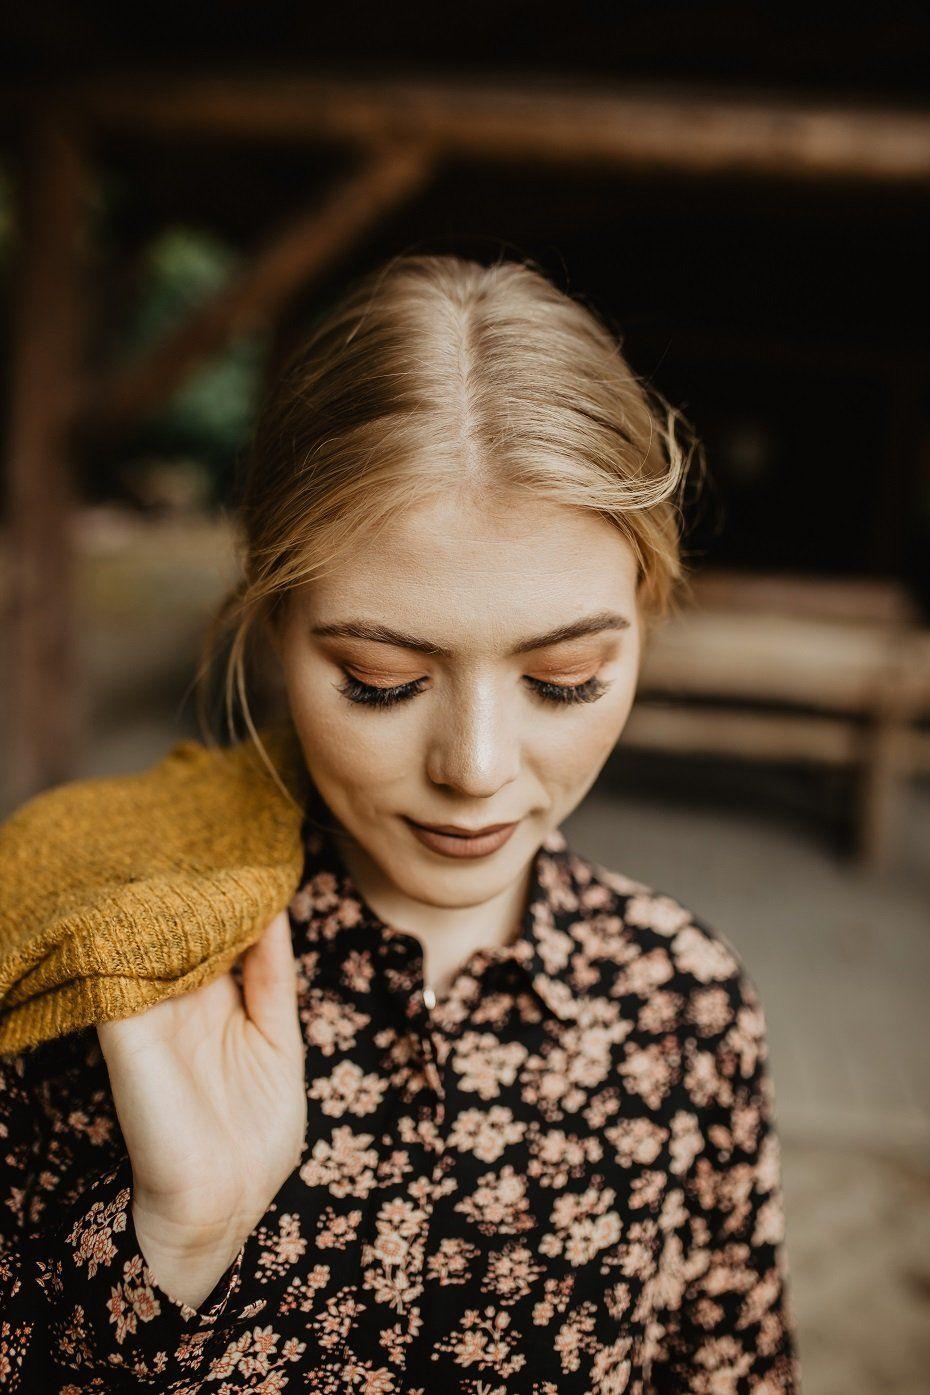 Jesienny Kardigan I Sukienka W Kwiaty Carry Rozalia Autumn Outfit Fall Looks Autumn Dress